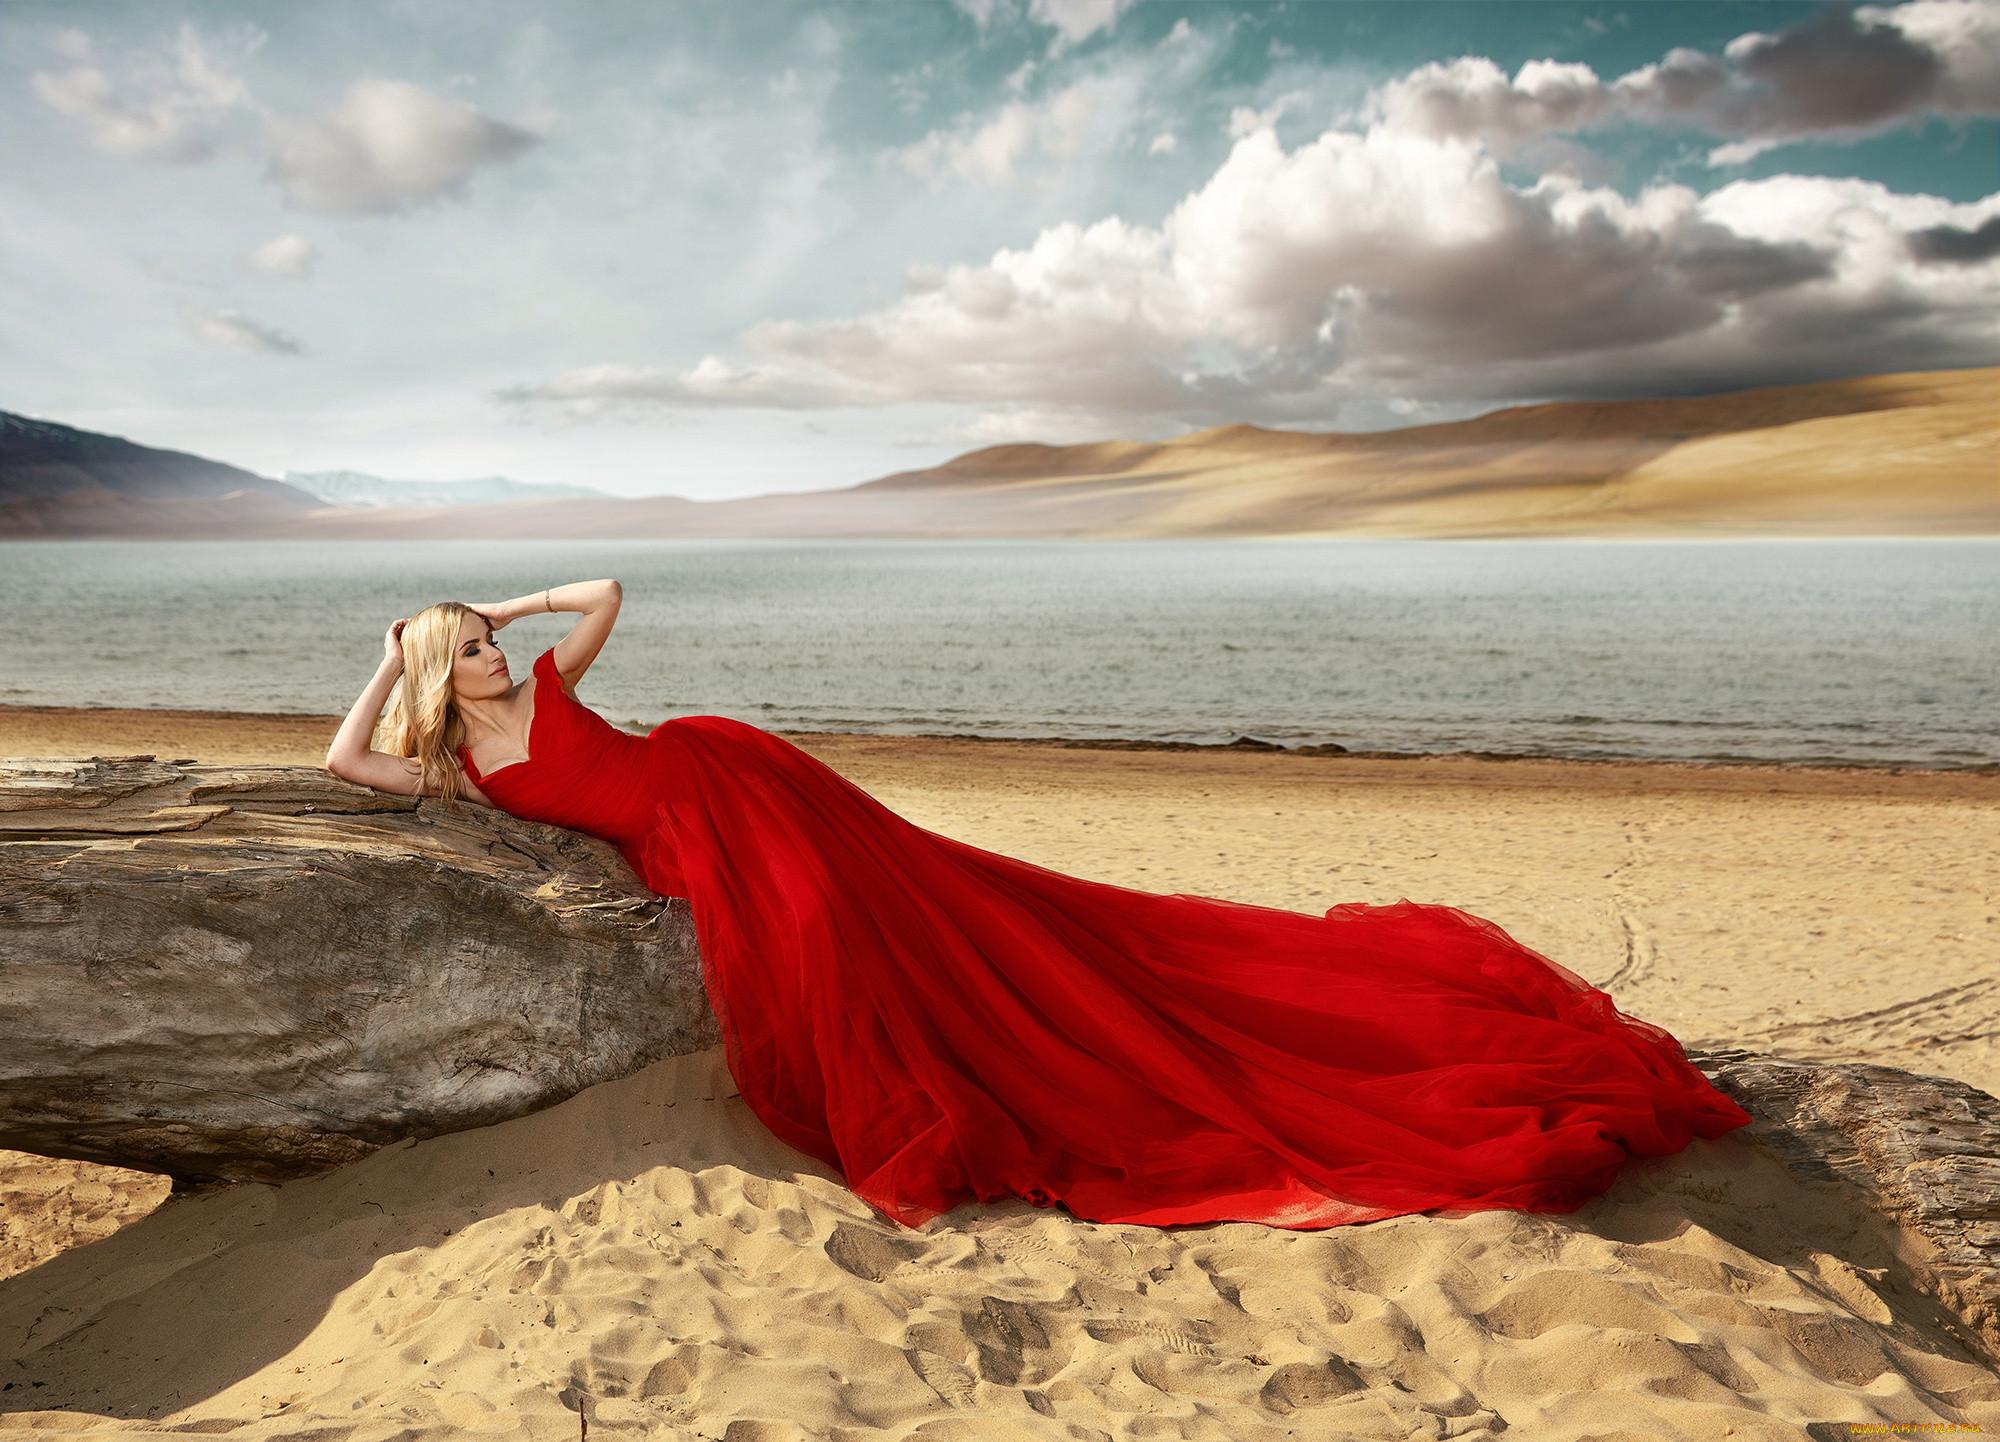 ностальгией, кто красные платья у моря фото жизненные